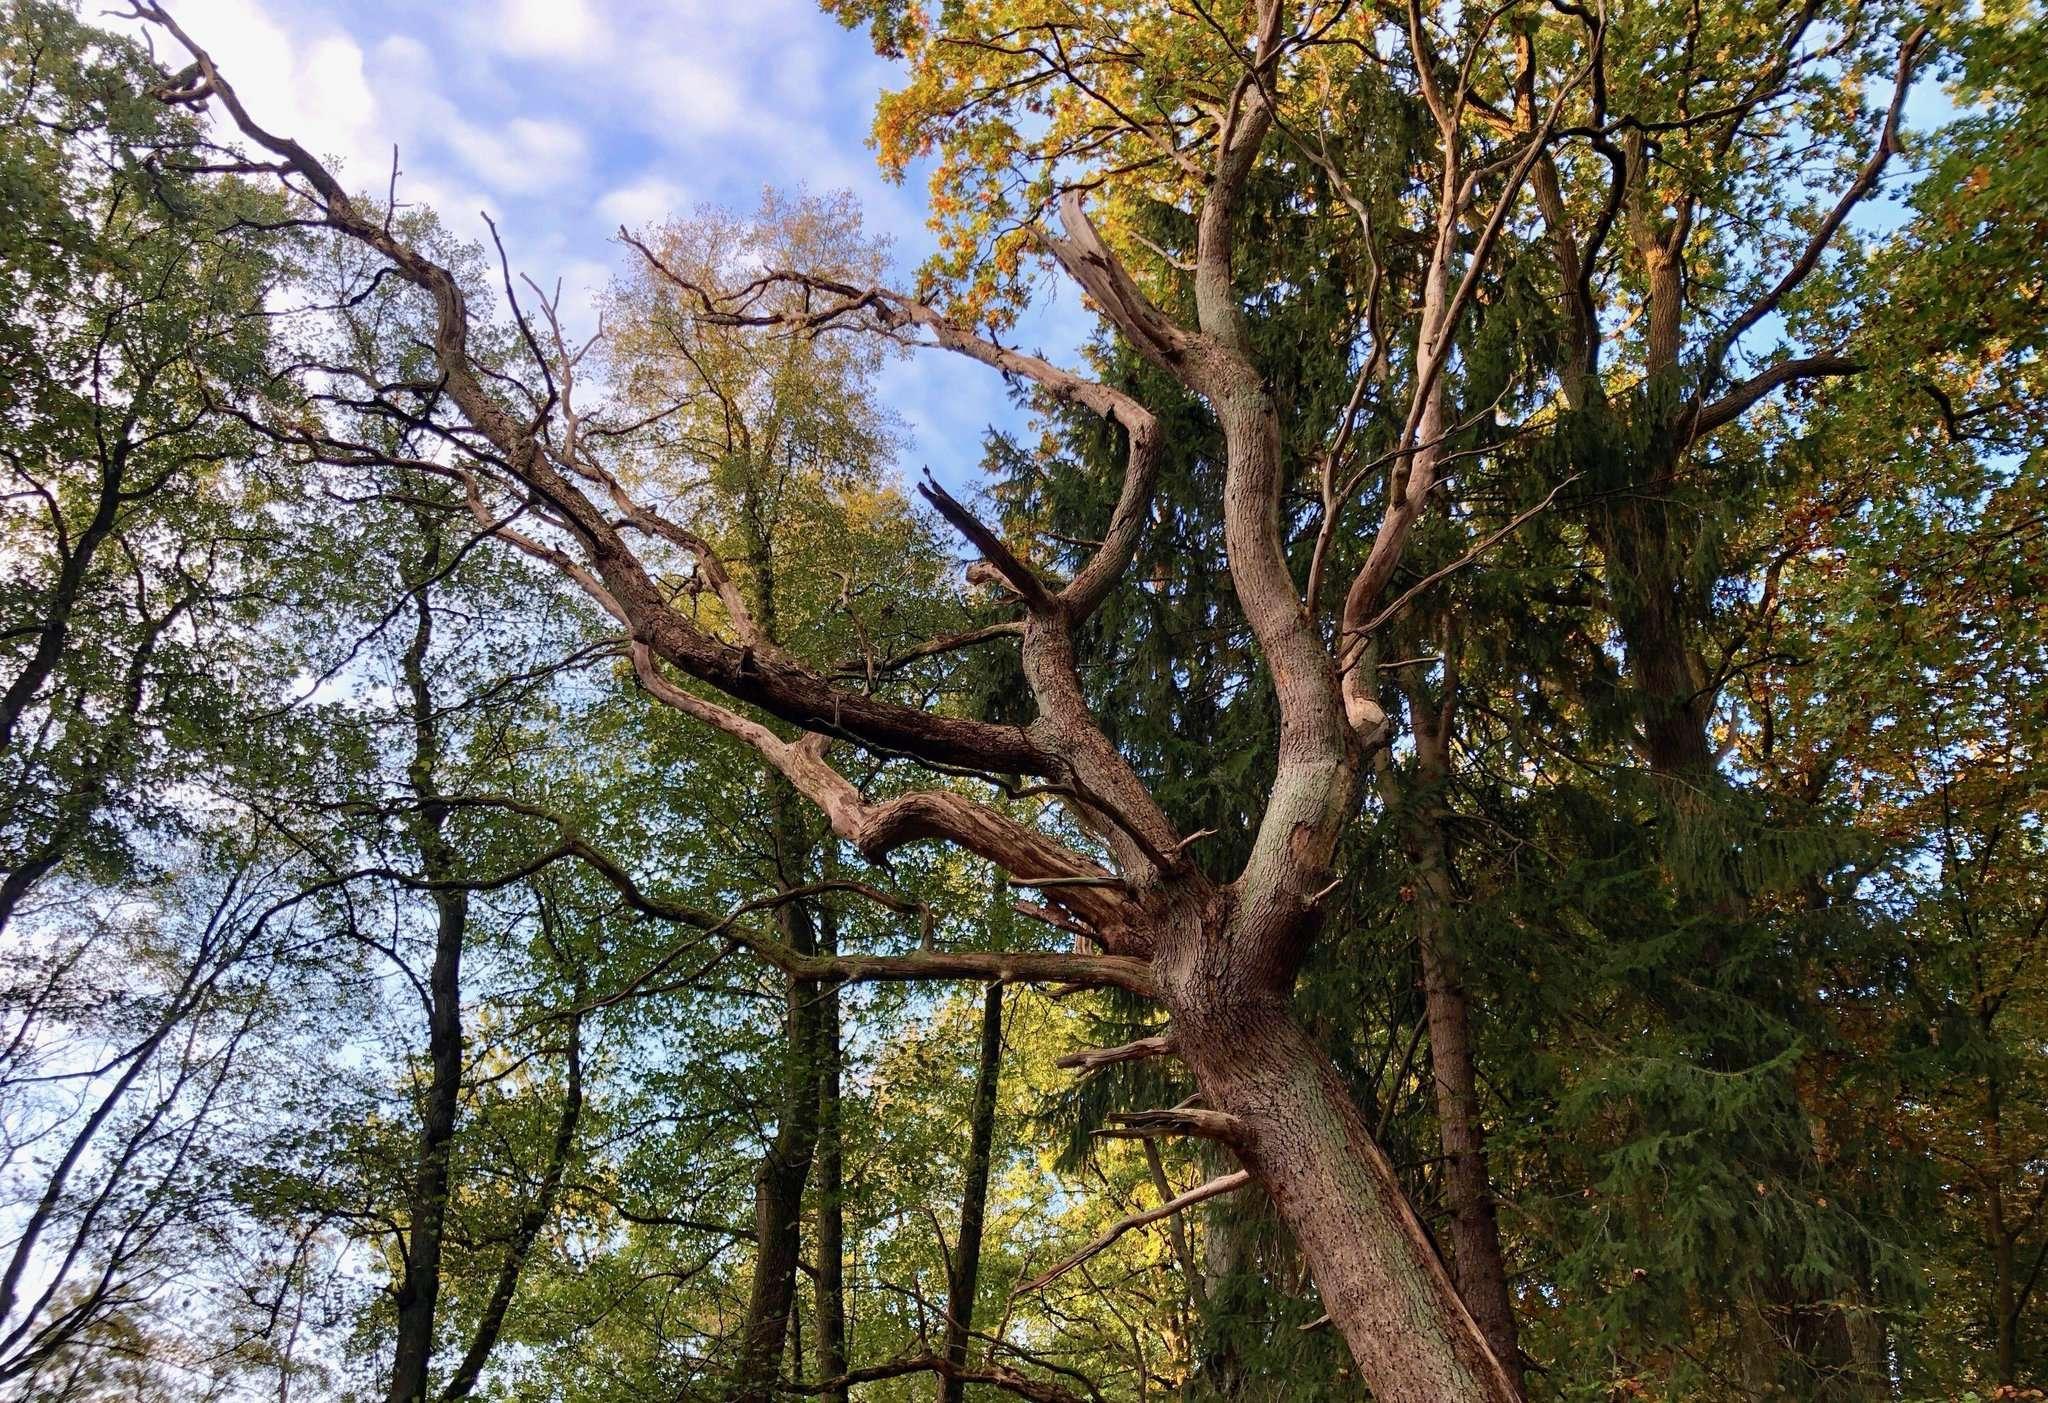 Immer mehr Bäume vertrocknen, das Klima wandelt sich - da ist auch von Seiten der Kommunen eigenes Engagement gefragt. Foto: Judith Tausenfreund